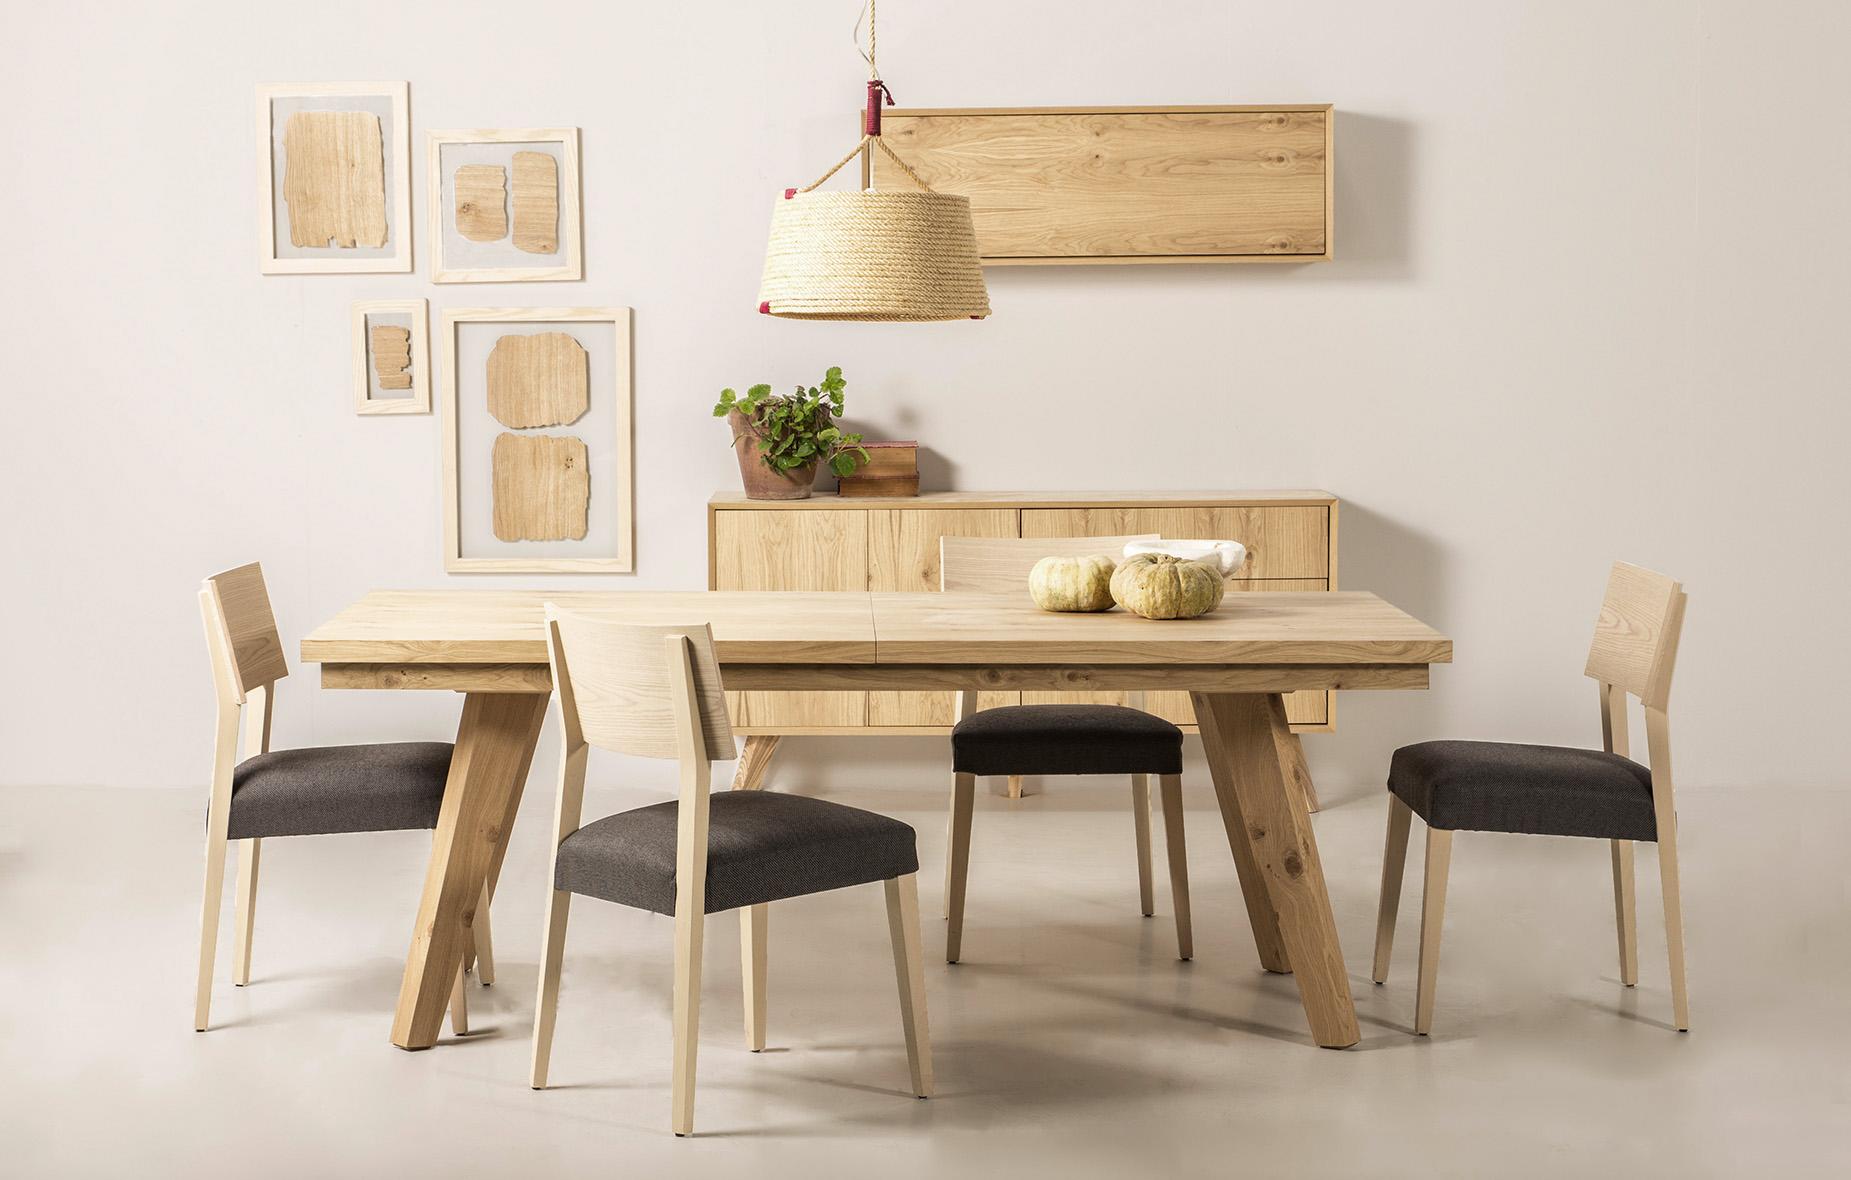 Mesa de comedor extensible retro fley de lujo en for Muebles comedor madera